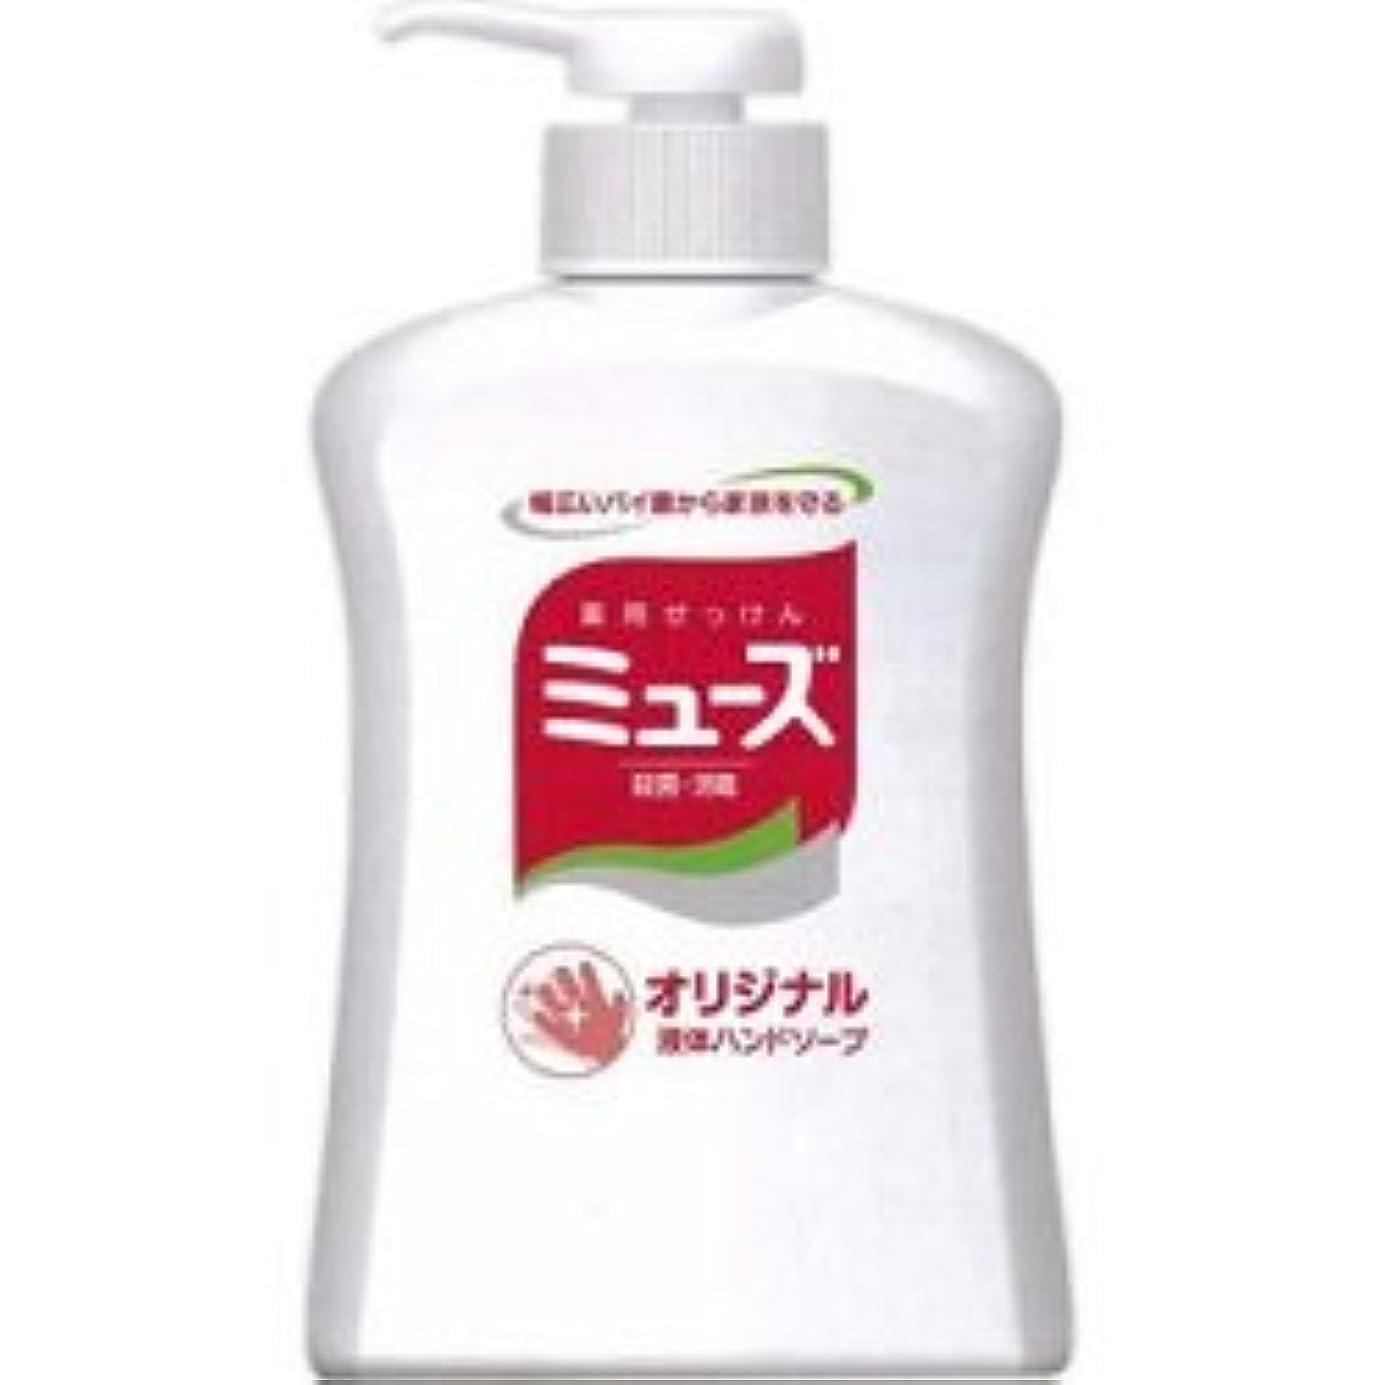 地中海キャンベラ決済【アース製薬】アース 液体ミューズ オリジナル 250ml ×10個セット